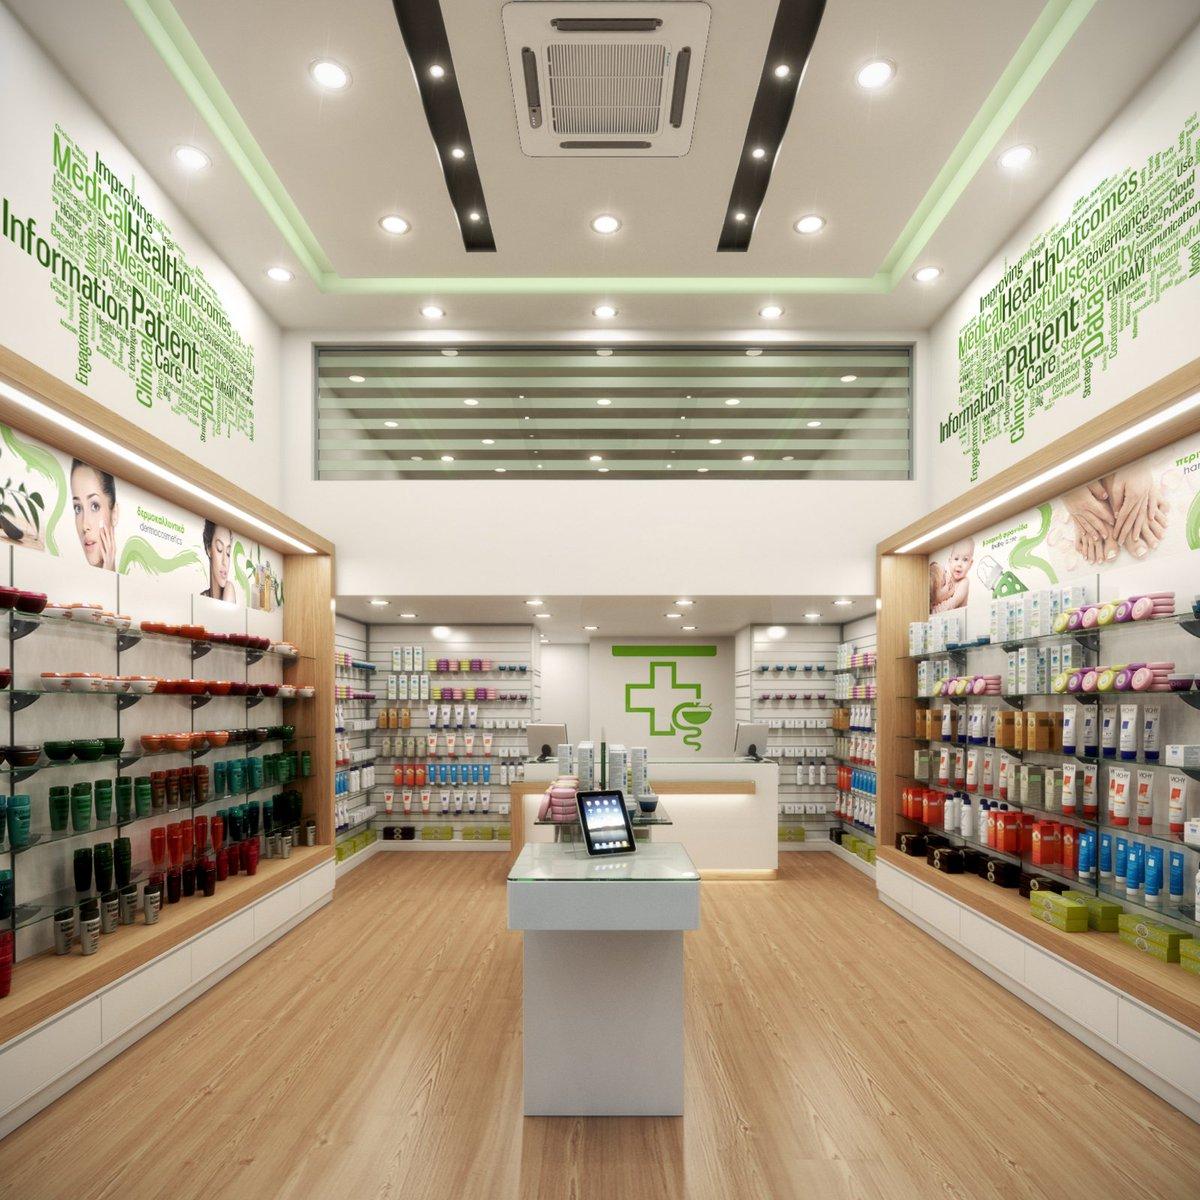 1c703242e9 Ανακαίνιση-Κατασκευές φαρμακείων. Η Pharmacy Project αναλαμβάνει την ολική  ή μερική ανακαίνιση φαρμακείων.pic.twitter.com MX2Hwmf8ui